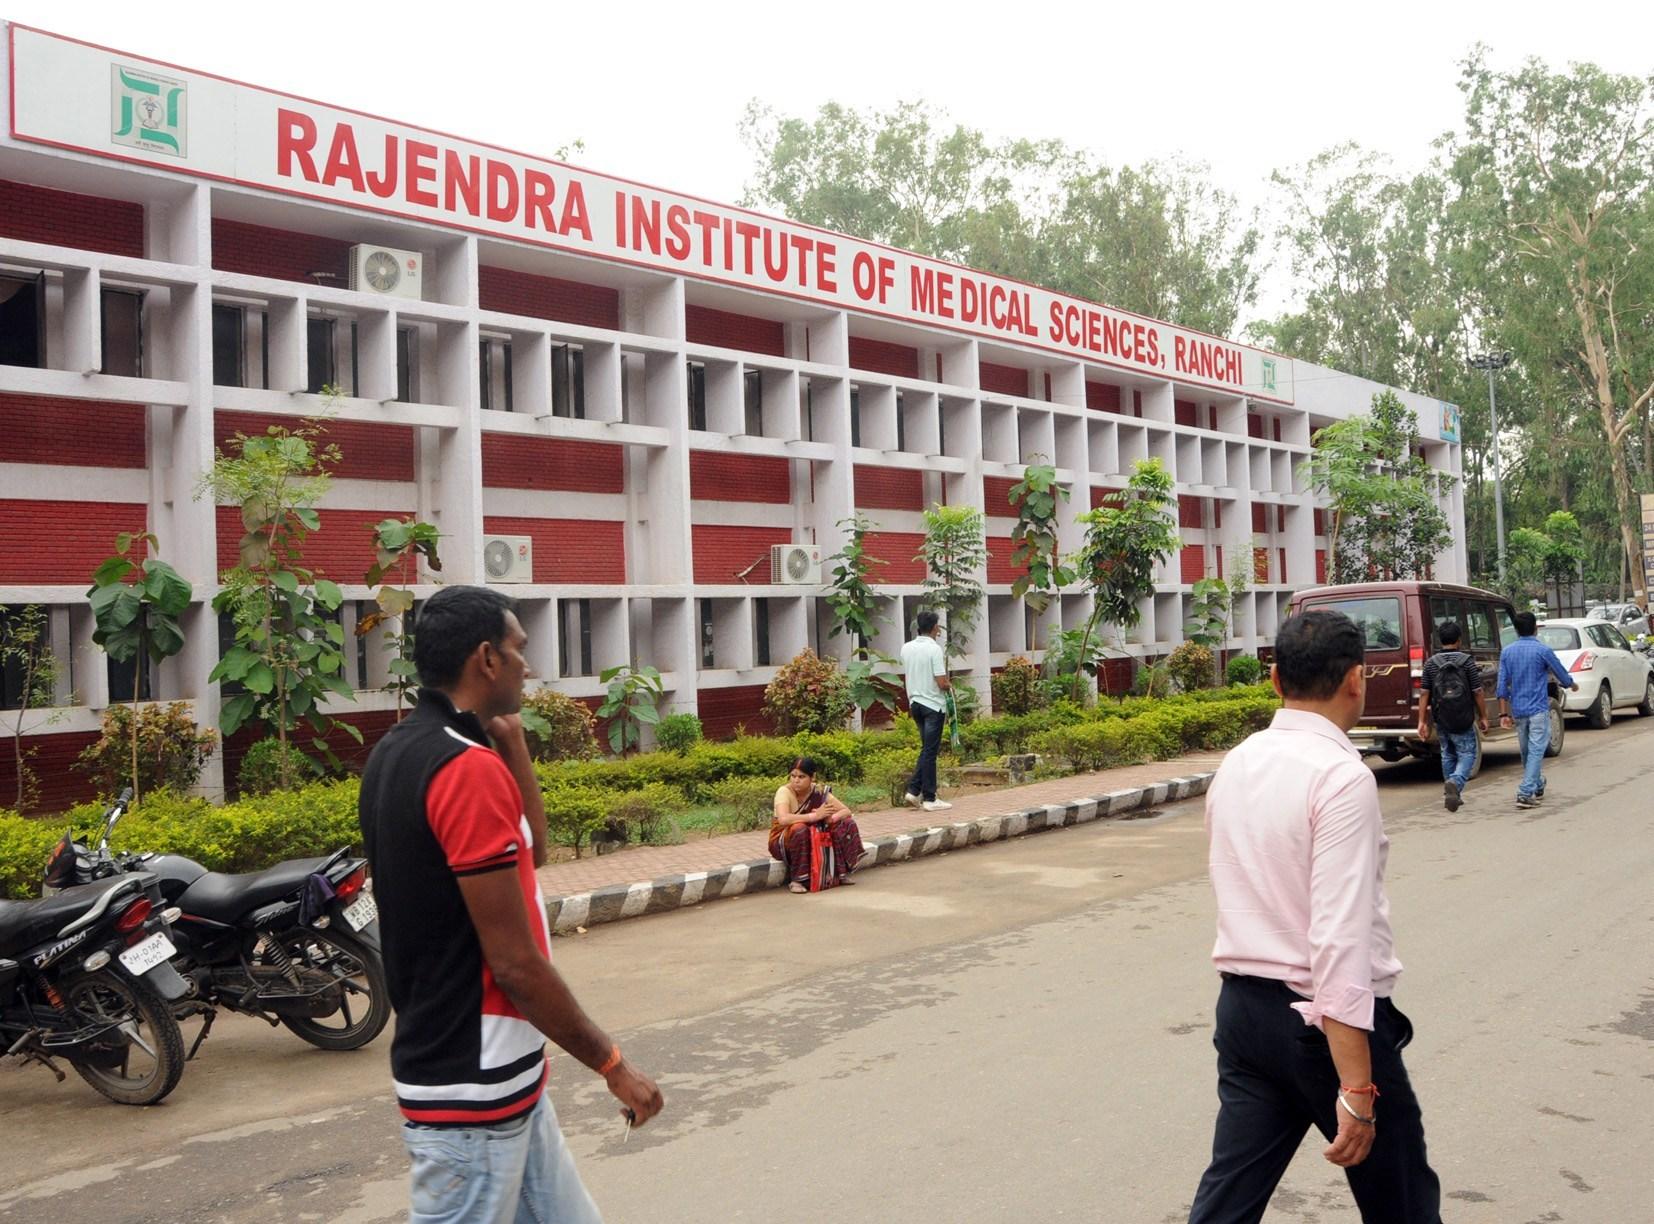 رانچی واقع راجیندر انسٹی ٹیوٹ آف میڈیکل سائنسز (فوٹو : آنند دت)